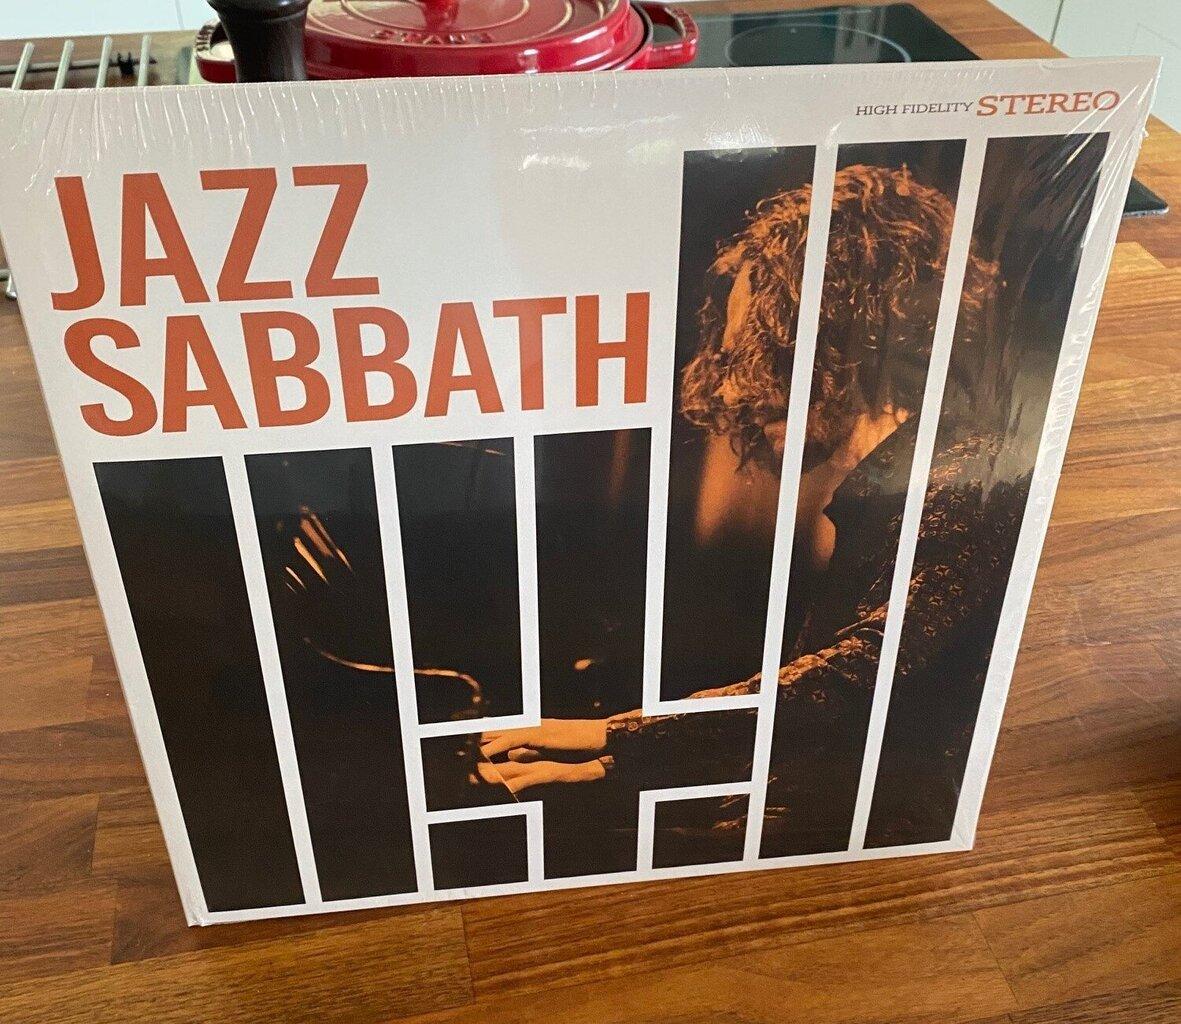 Jazz sabbath (2).jpg